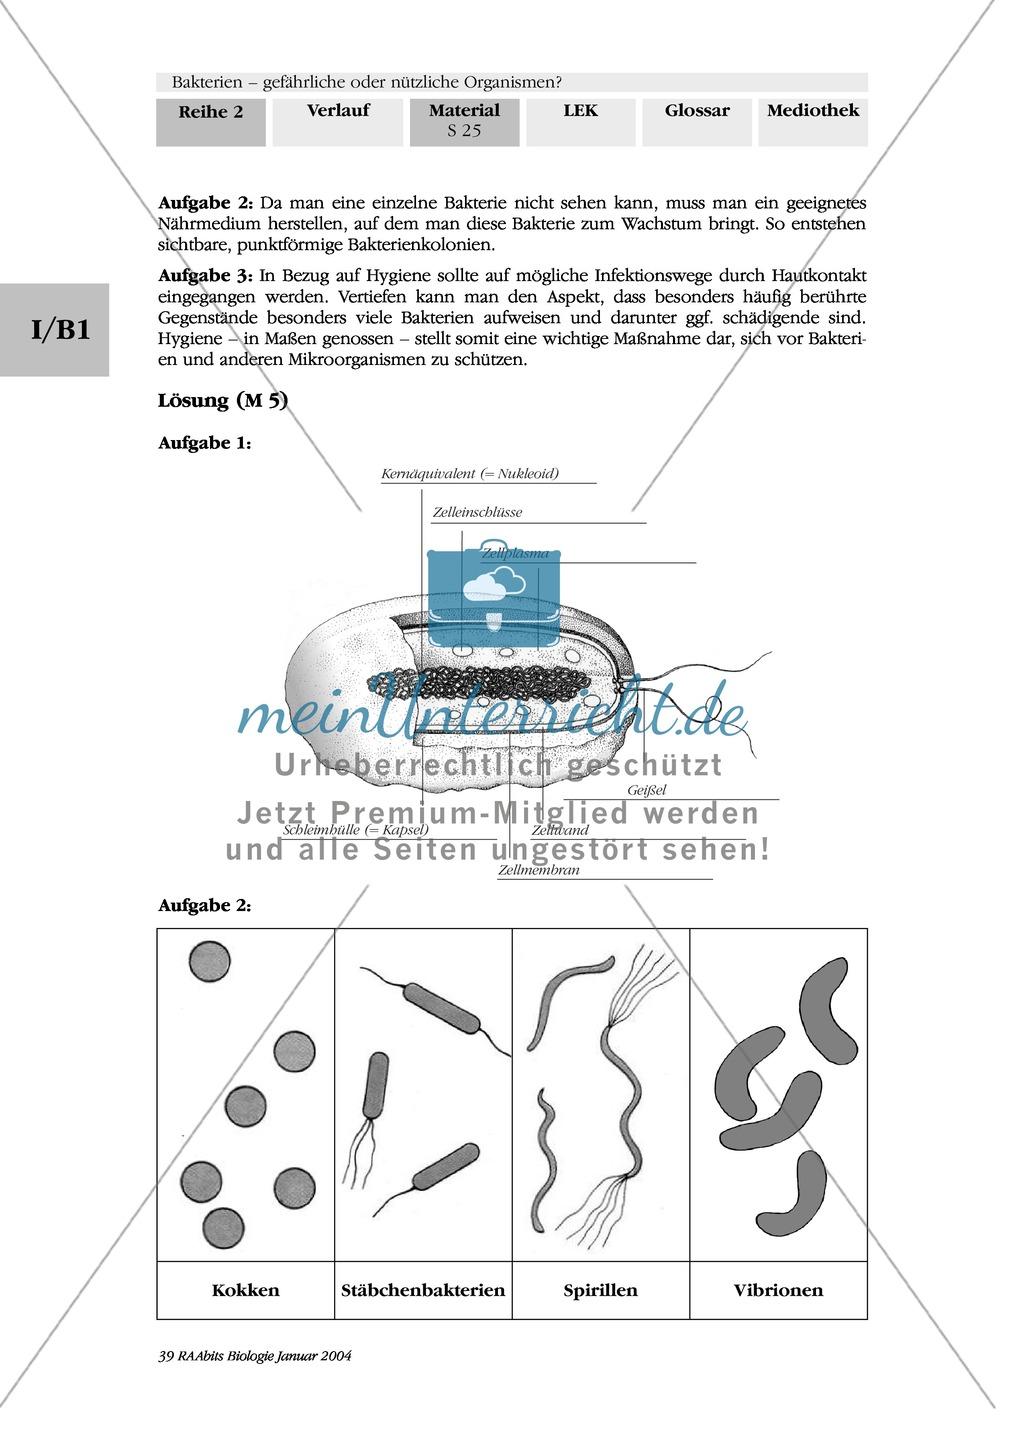 bakterien grundbauplan und vermehrung text zeichnung diagramm meinunterricht. Black Bedroom Furniture Sets. Home Design Ideas